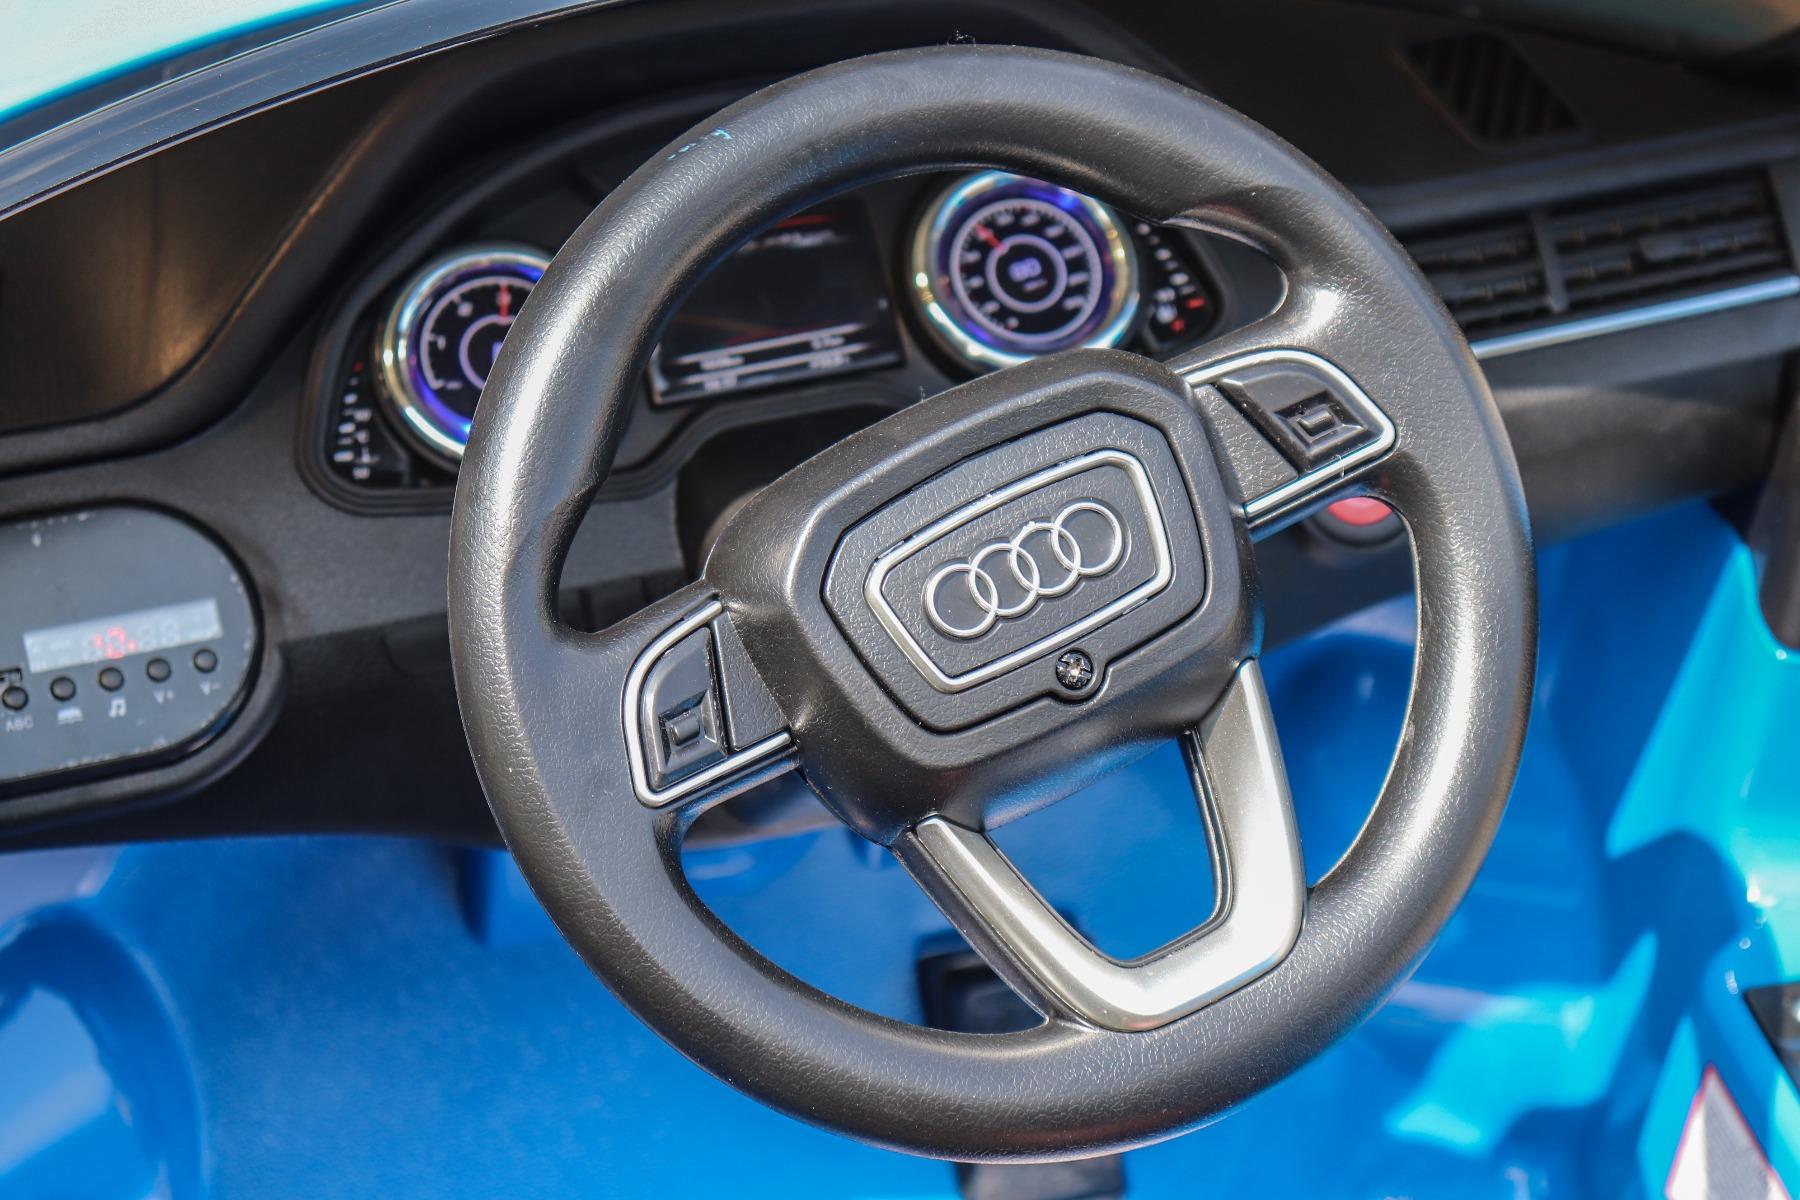 Steering wheels